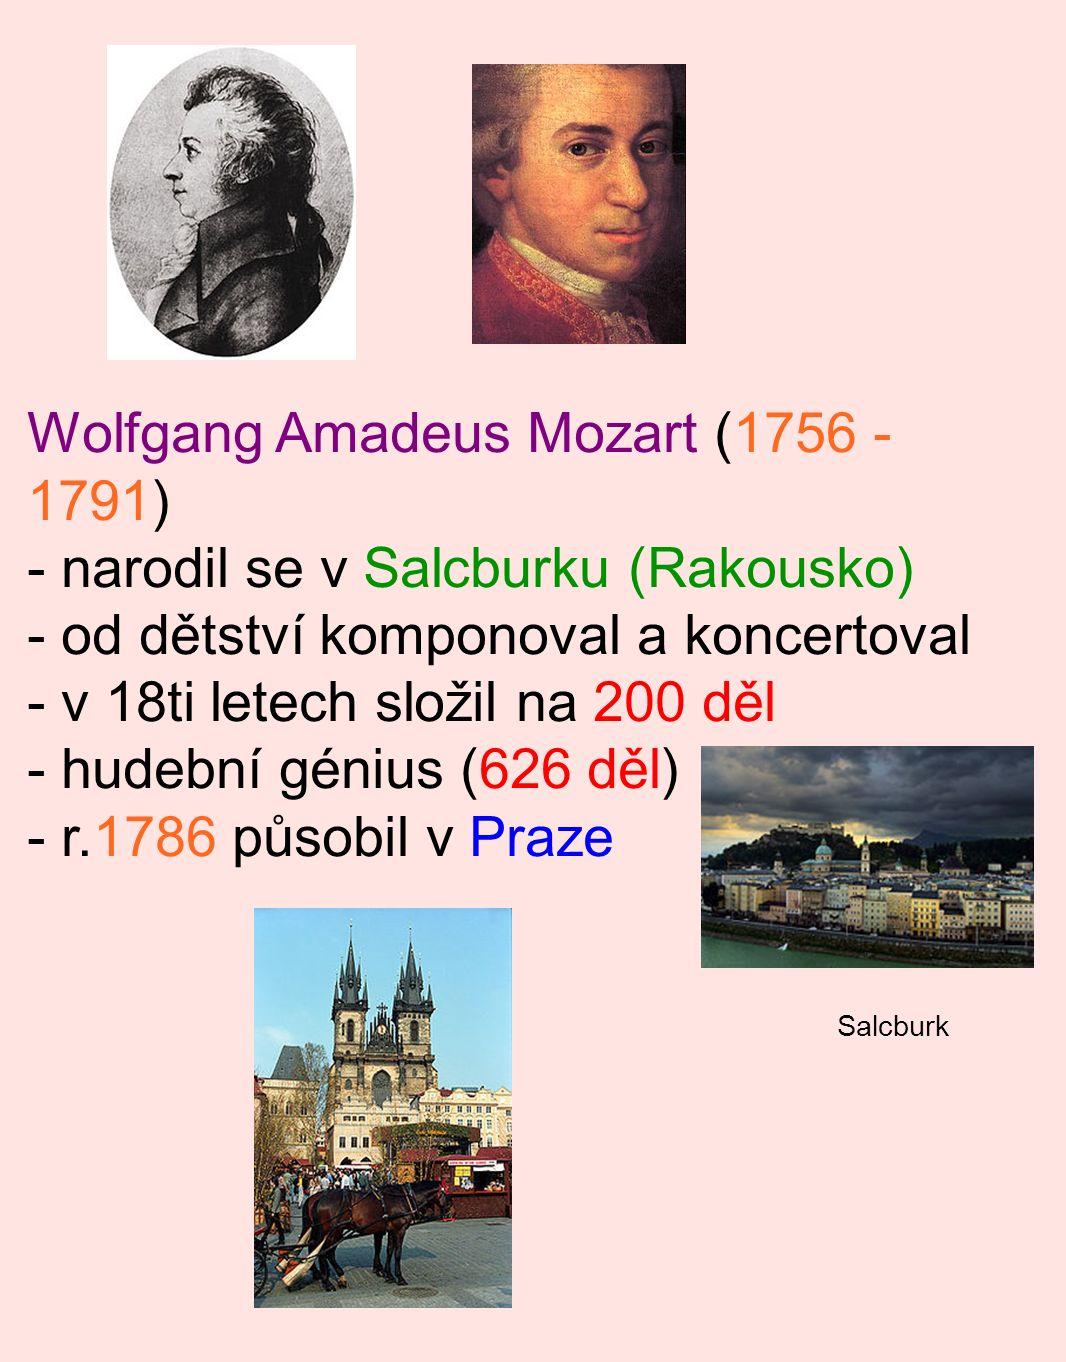 Wolfgang Amadeus Mozart (1756 - 1791) - narodil se v Salcburku (Rakousko) - od dětství komponoval a koncertoval - v 18ti letech složil na 200 děl - hu